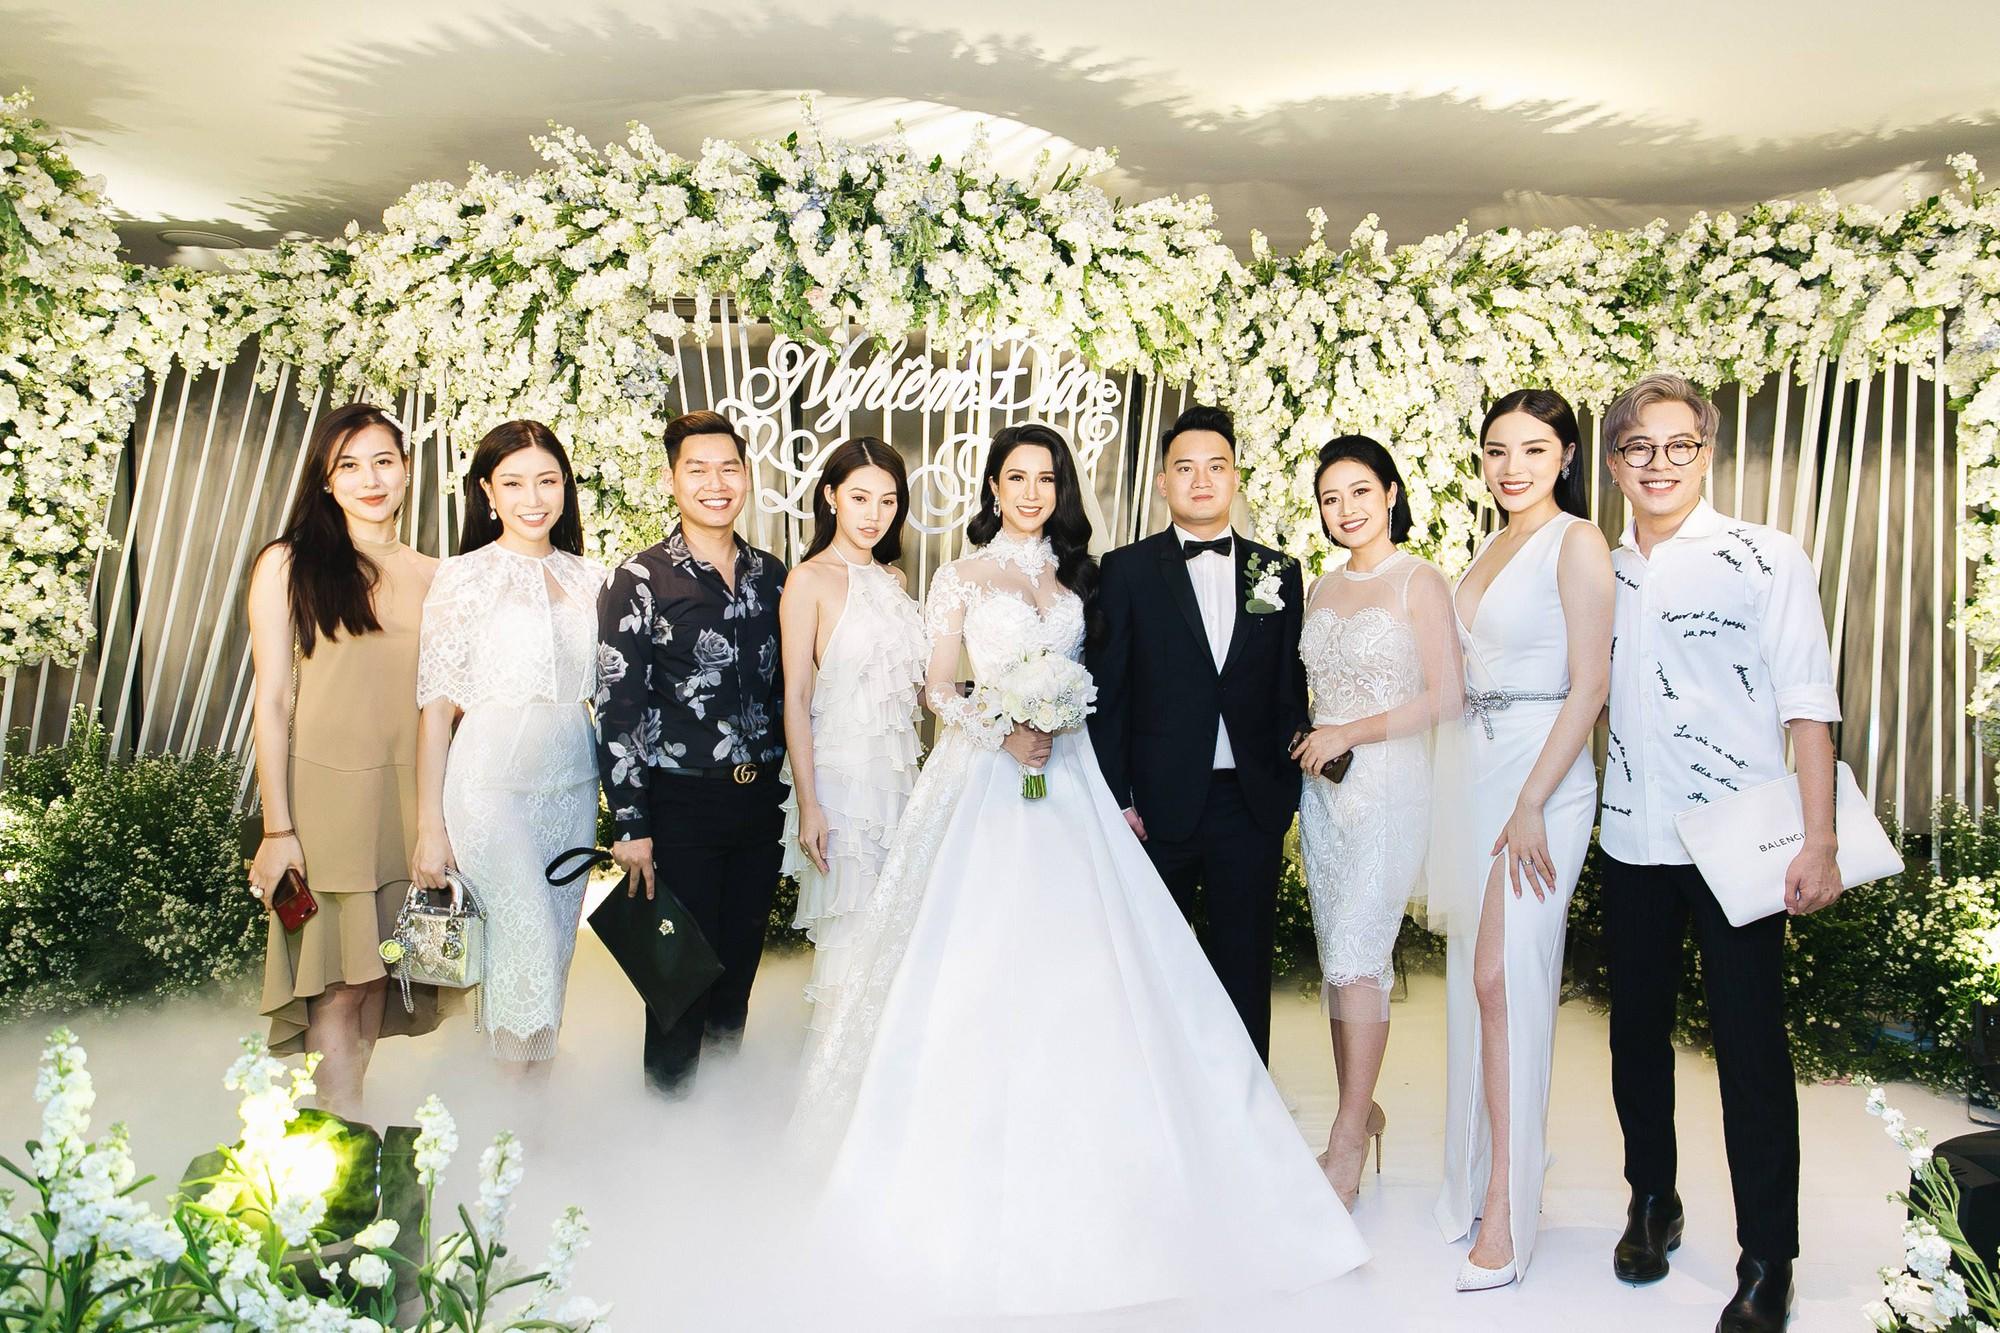 Cường Đô La và bạn gái Đàm Thu Trang cùng nhau đến chúc mừng đám cưới của Diệp Lâm Anh 3